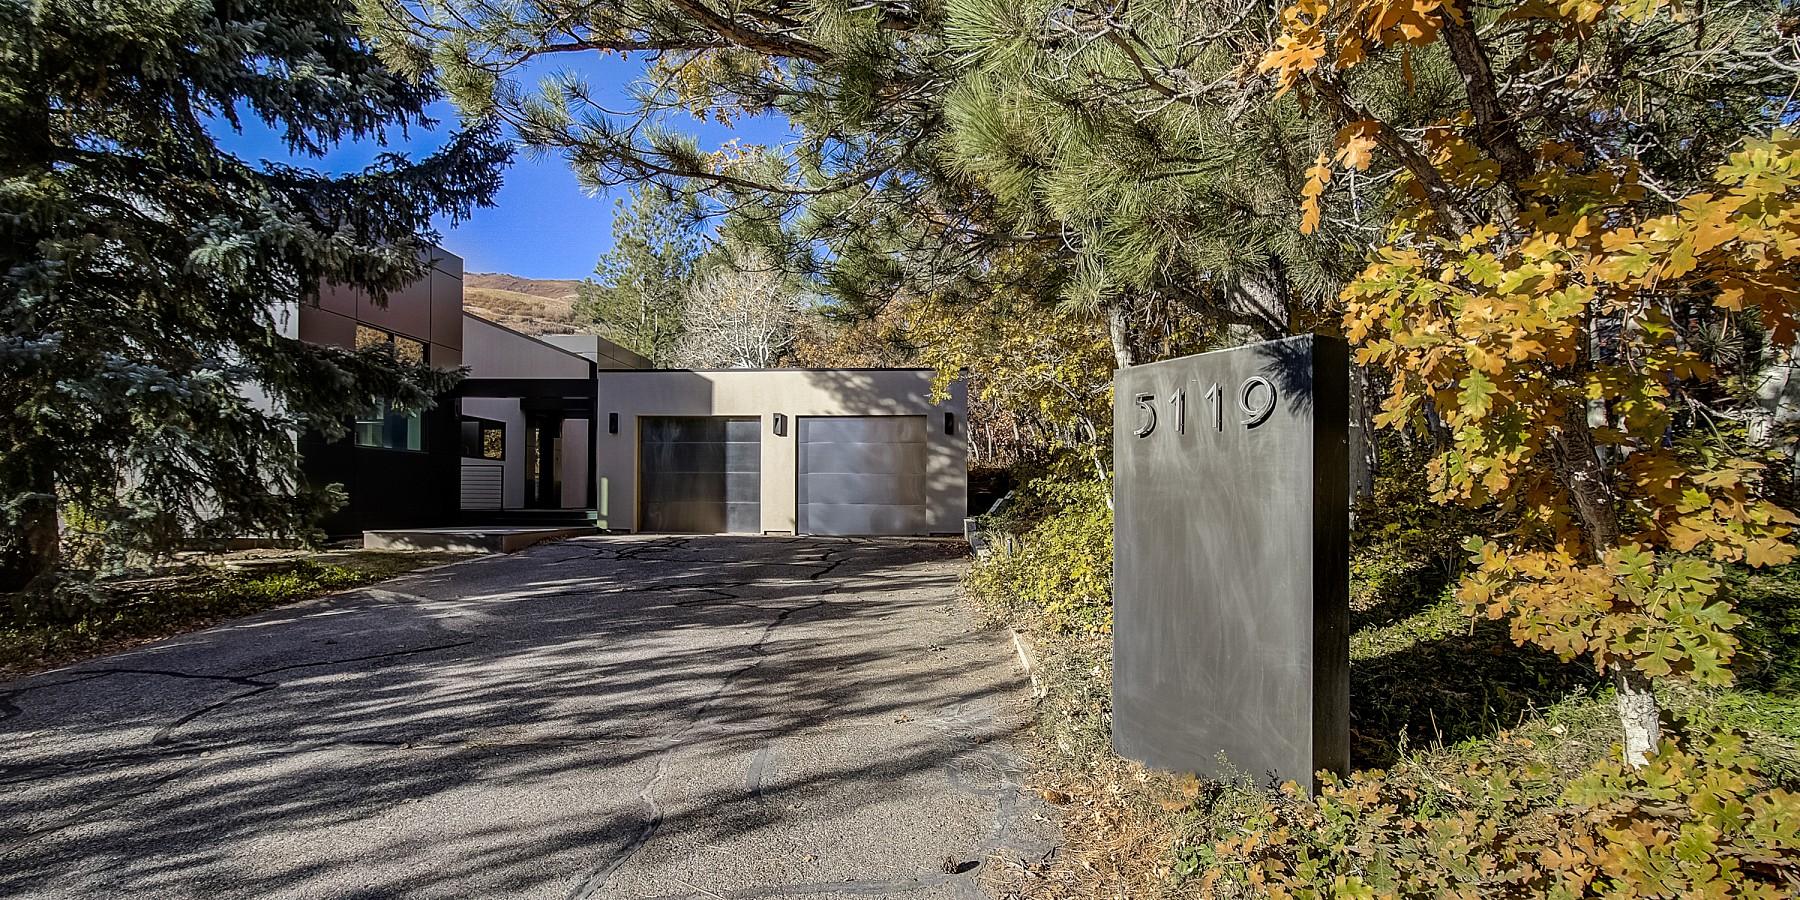 5119 E. Little Tree Road, Salt Lake City, UT 84108